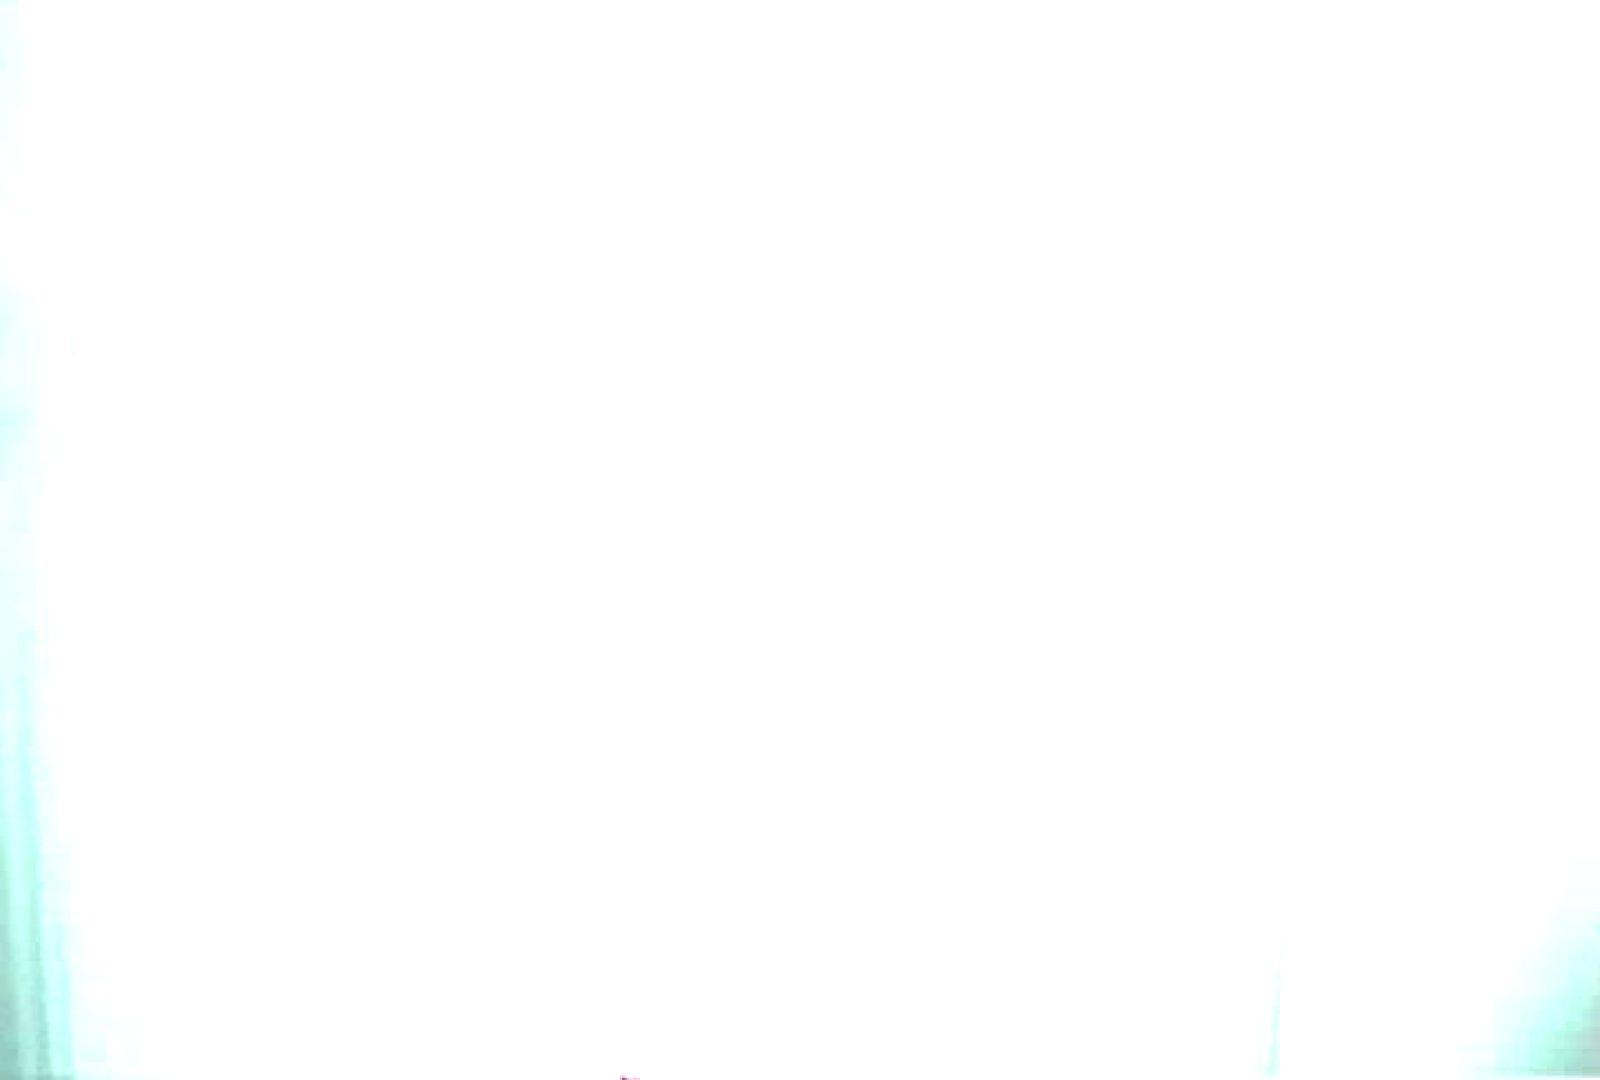 充血監督の深夜の運動会Vol.59 セックス AV無料動画キャプチャ 86PIX 46